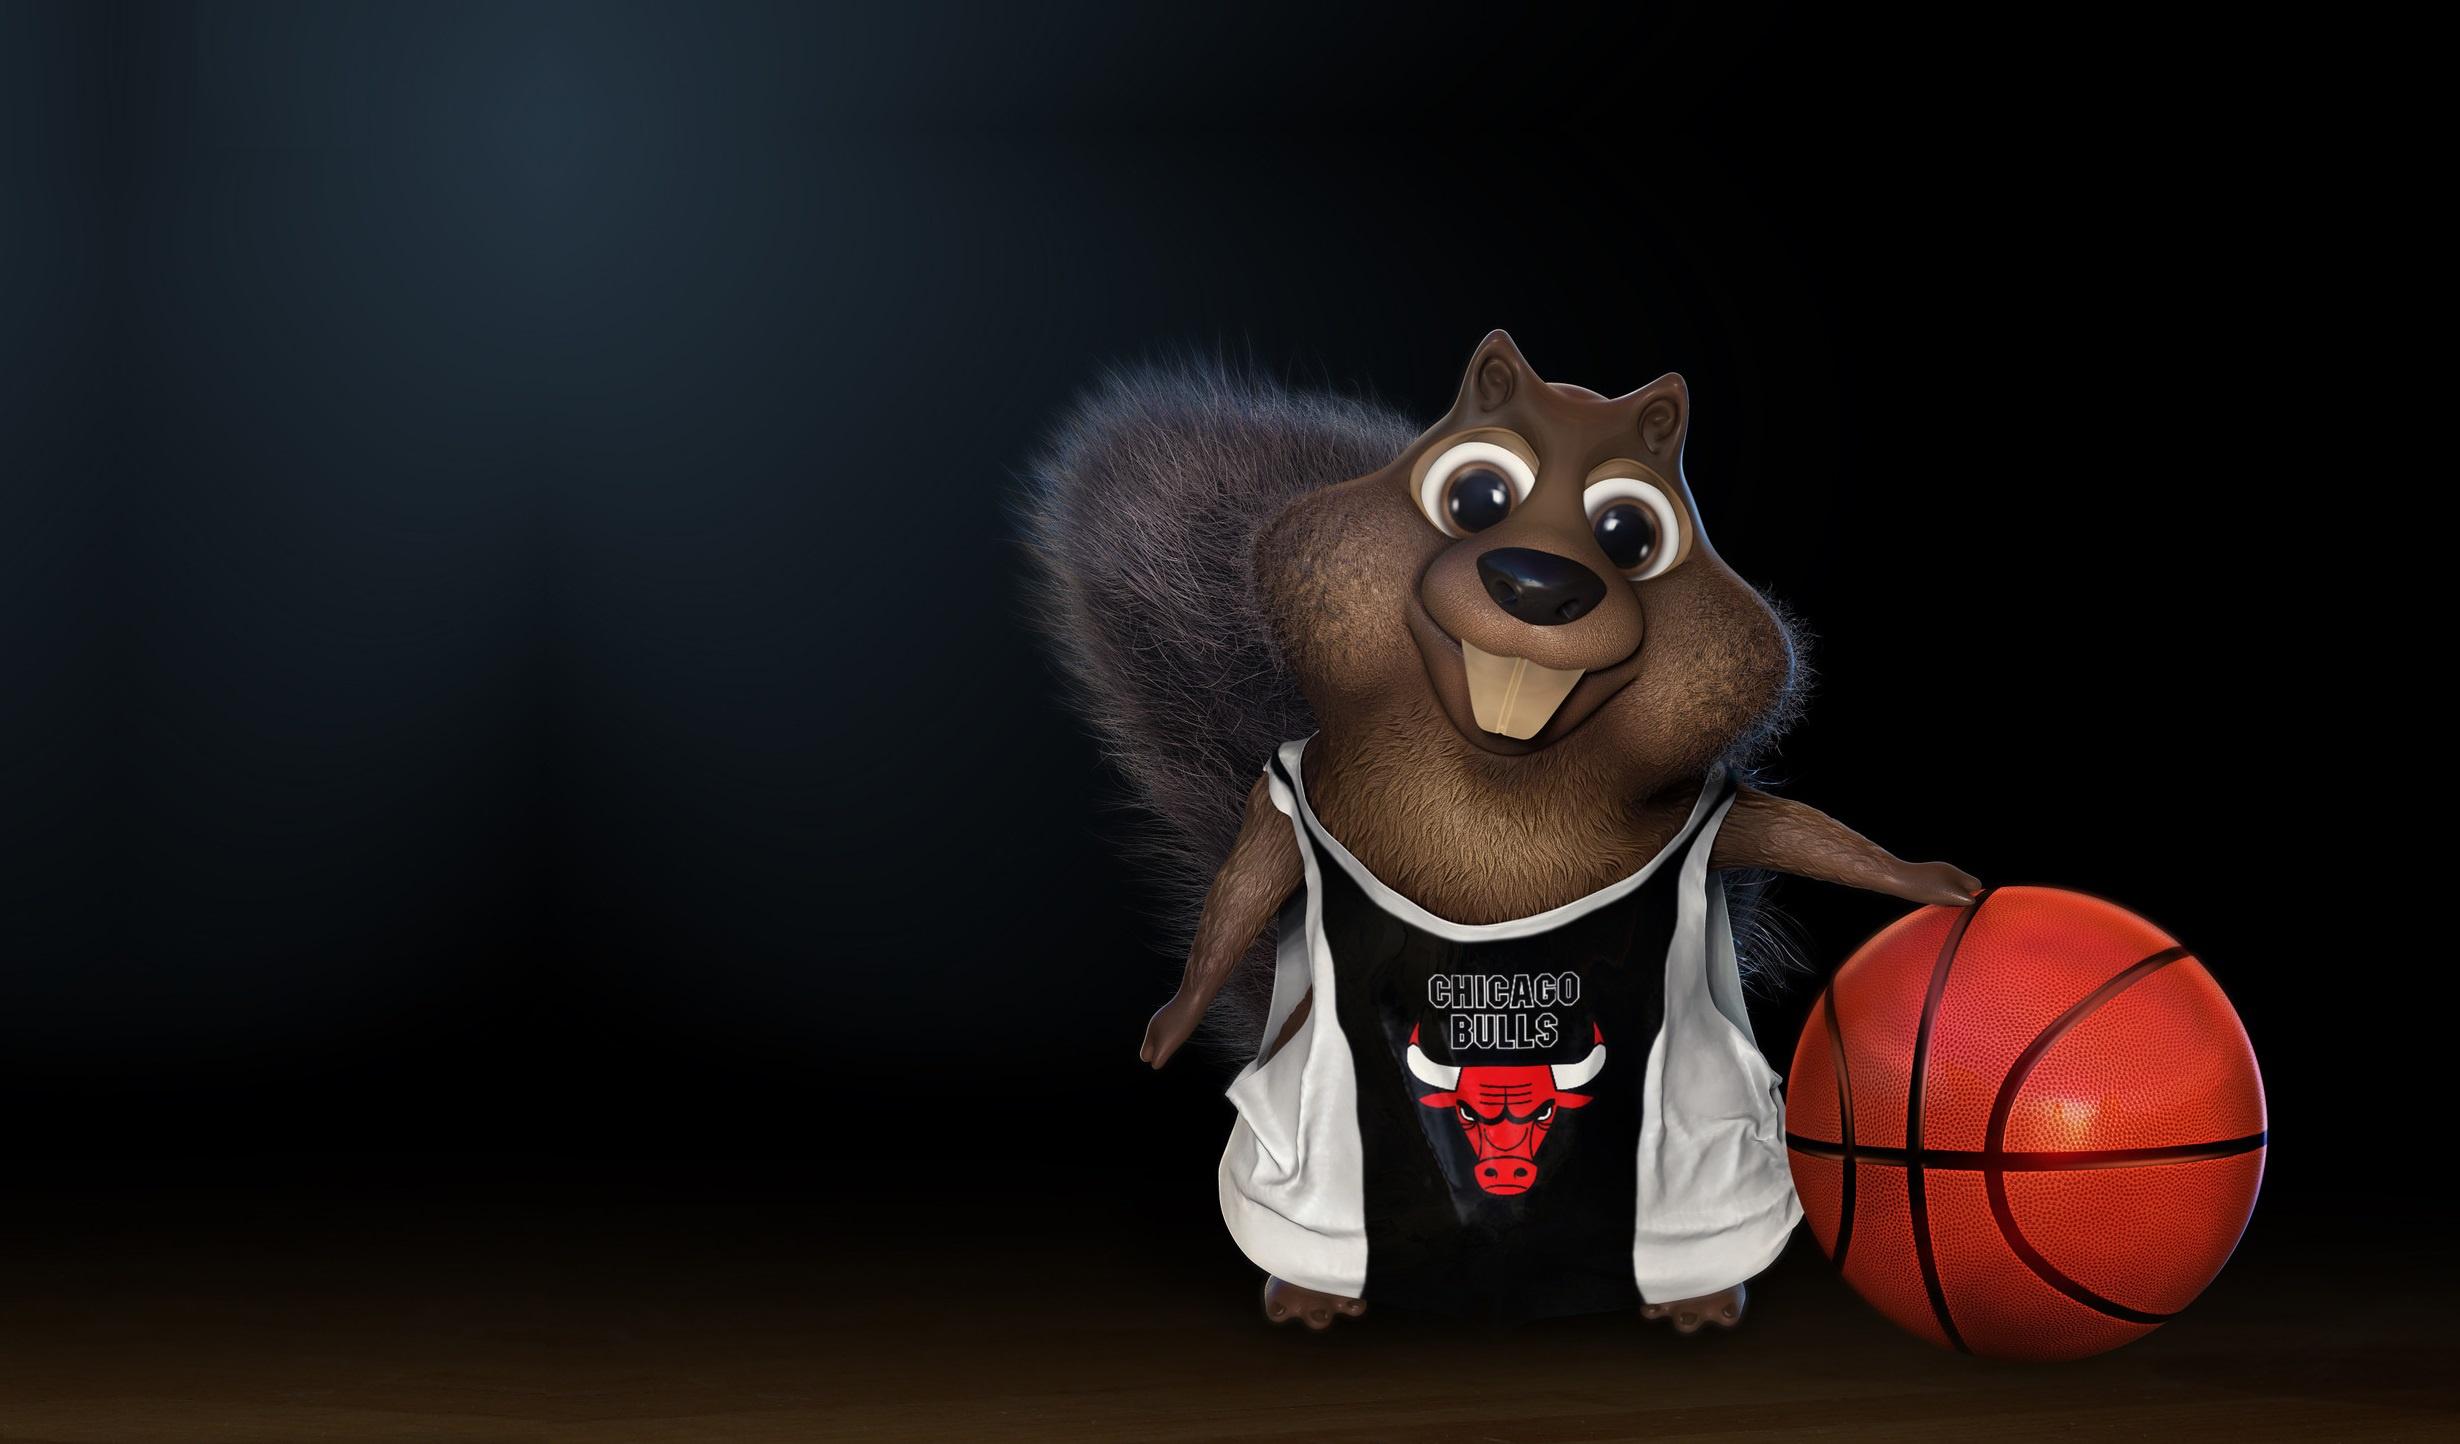 Картинки прикольные баскетбол